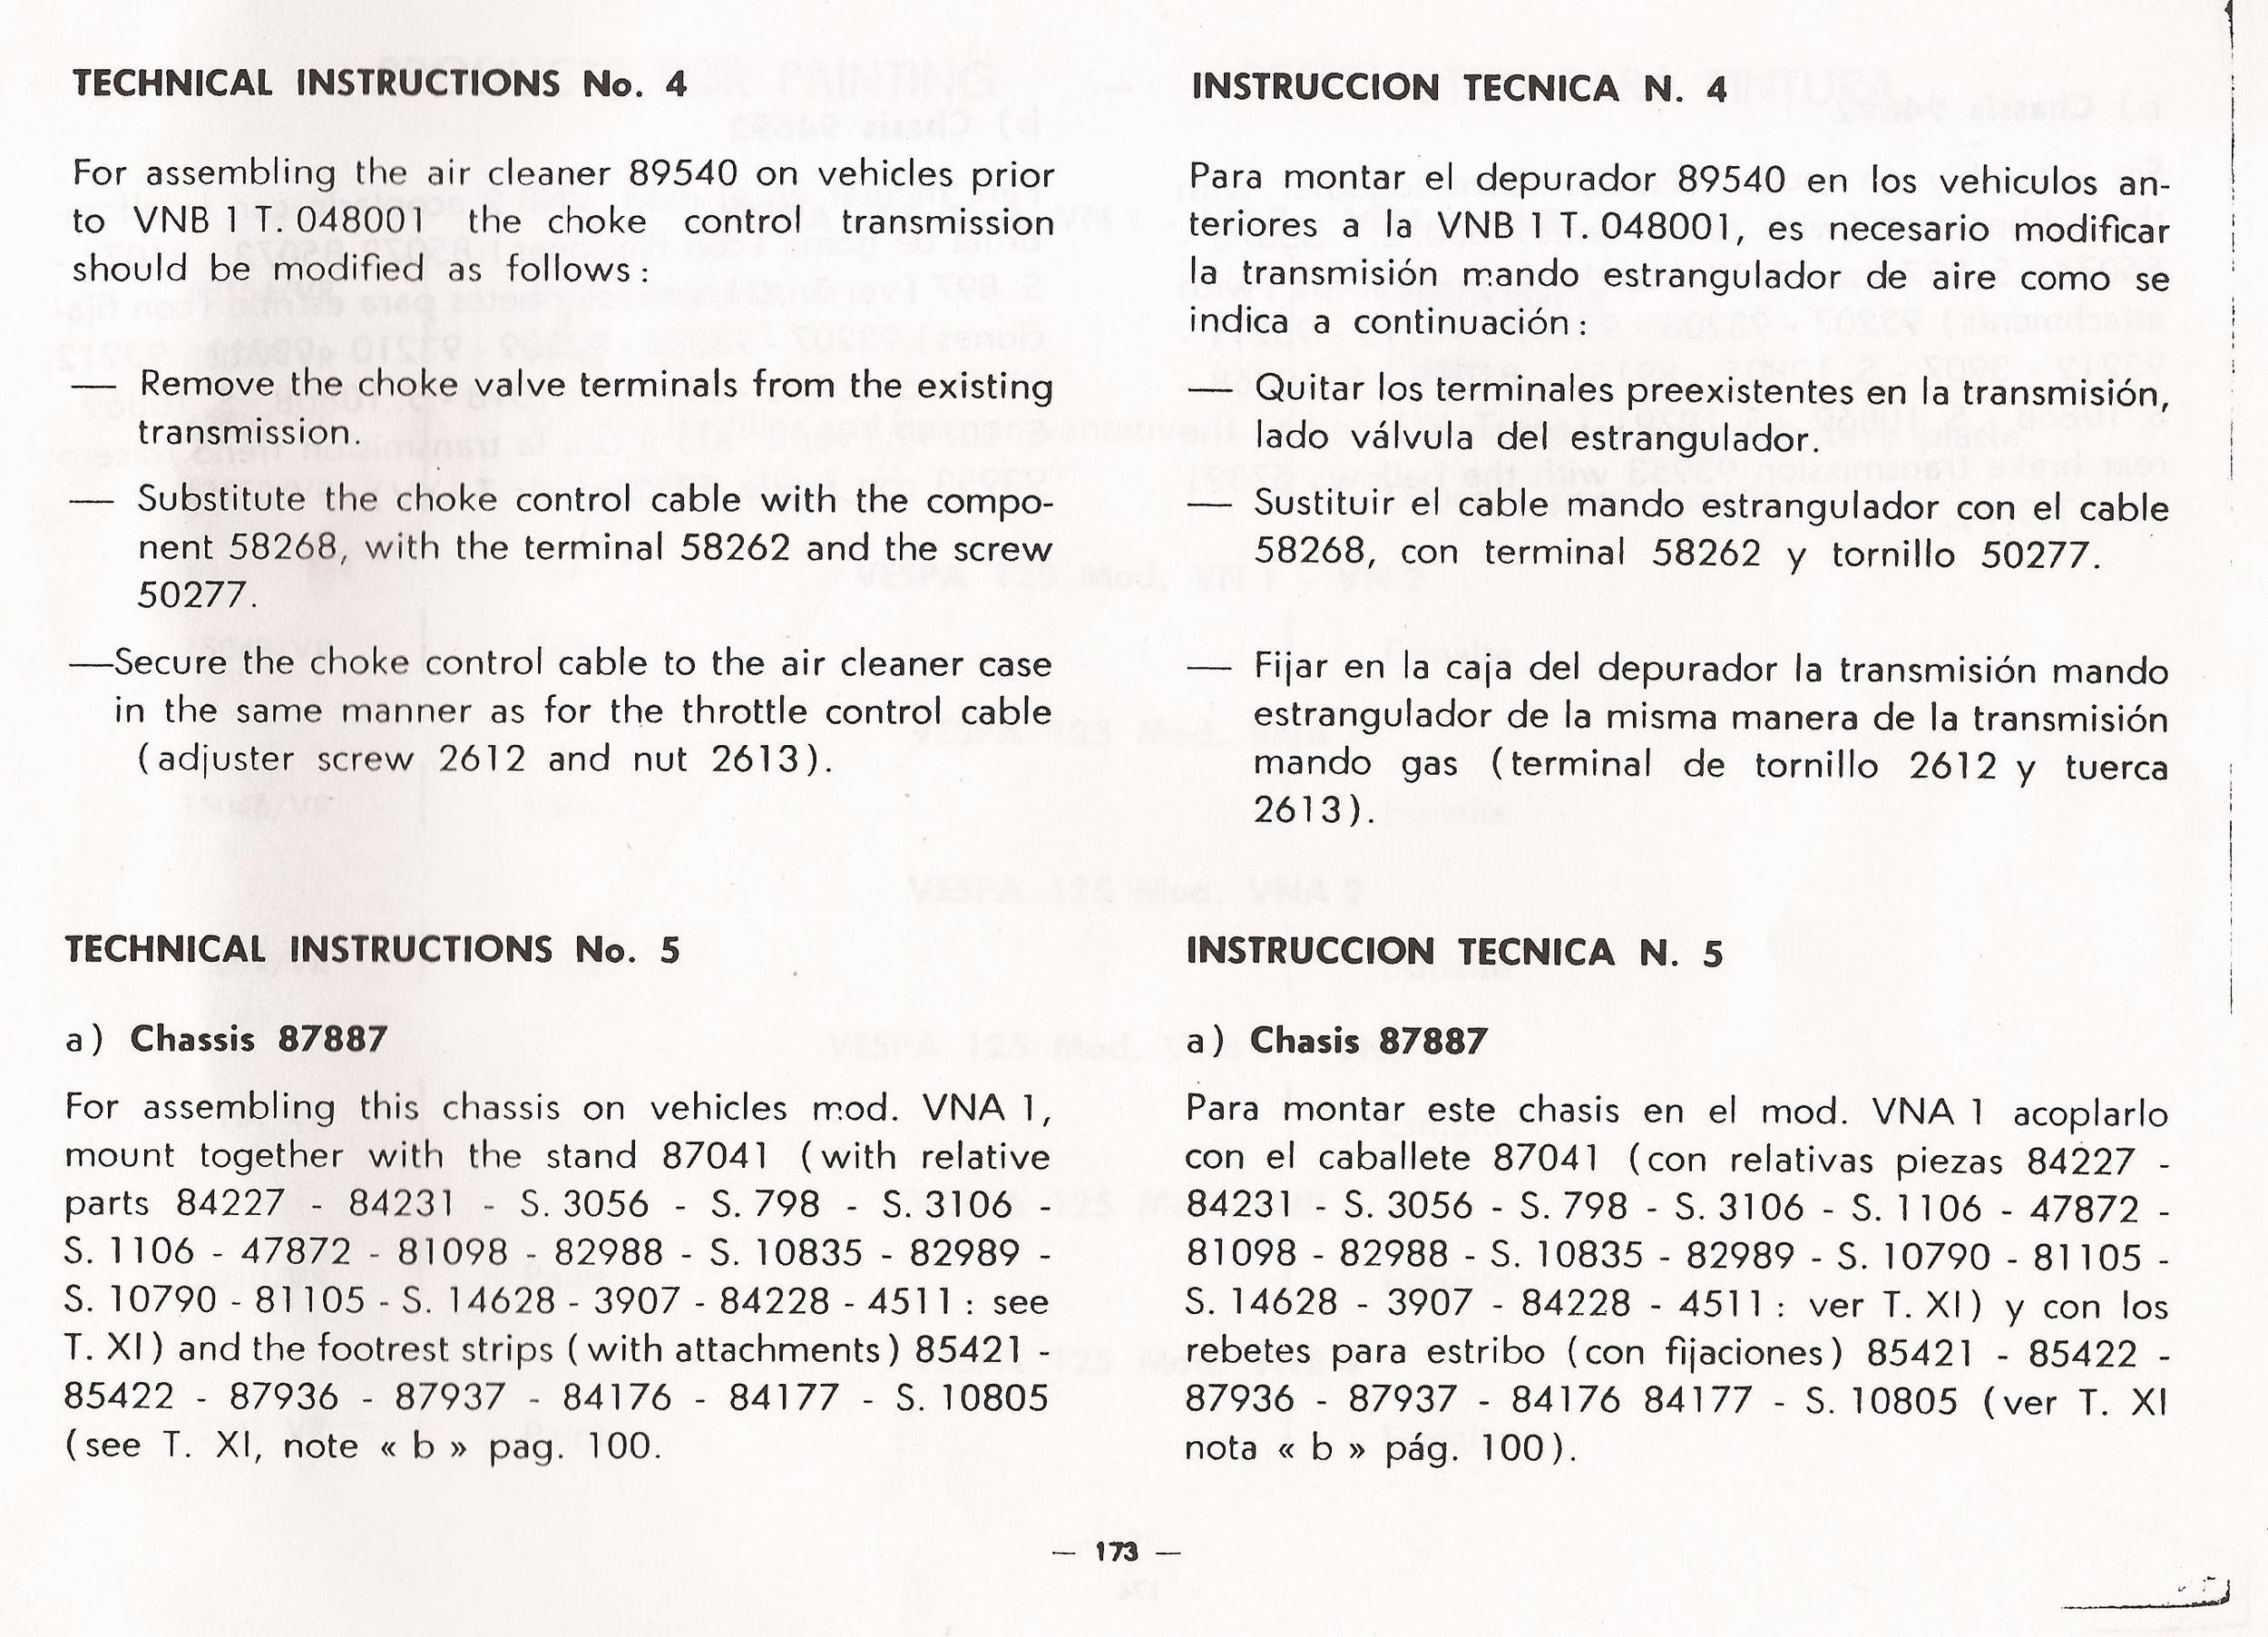 07-16-2013 vespa 125 catalog manuel 184.jpg